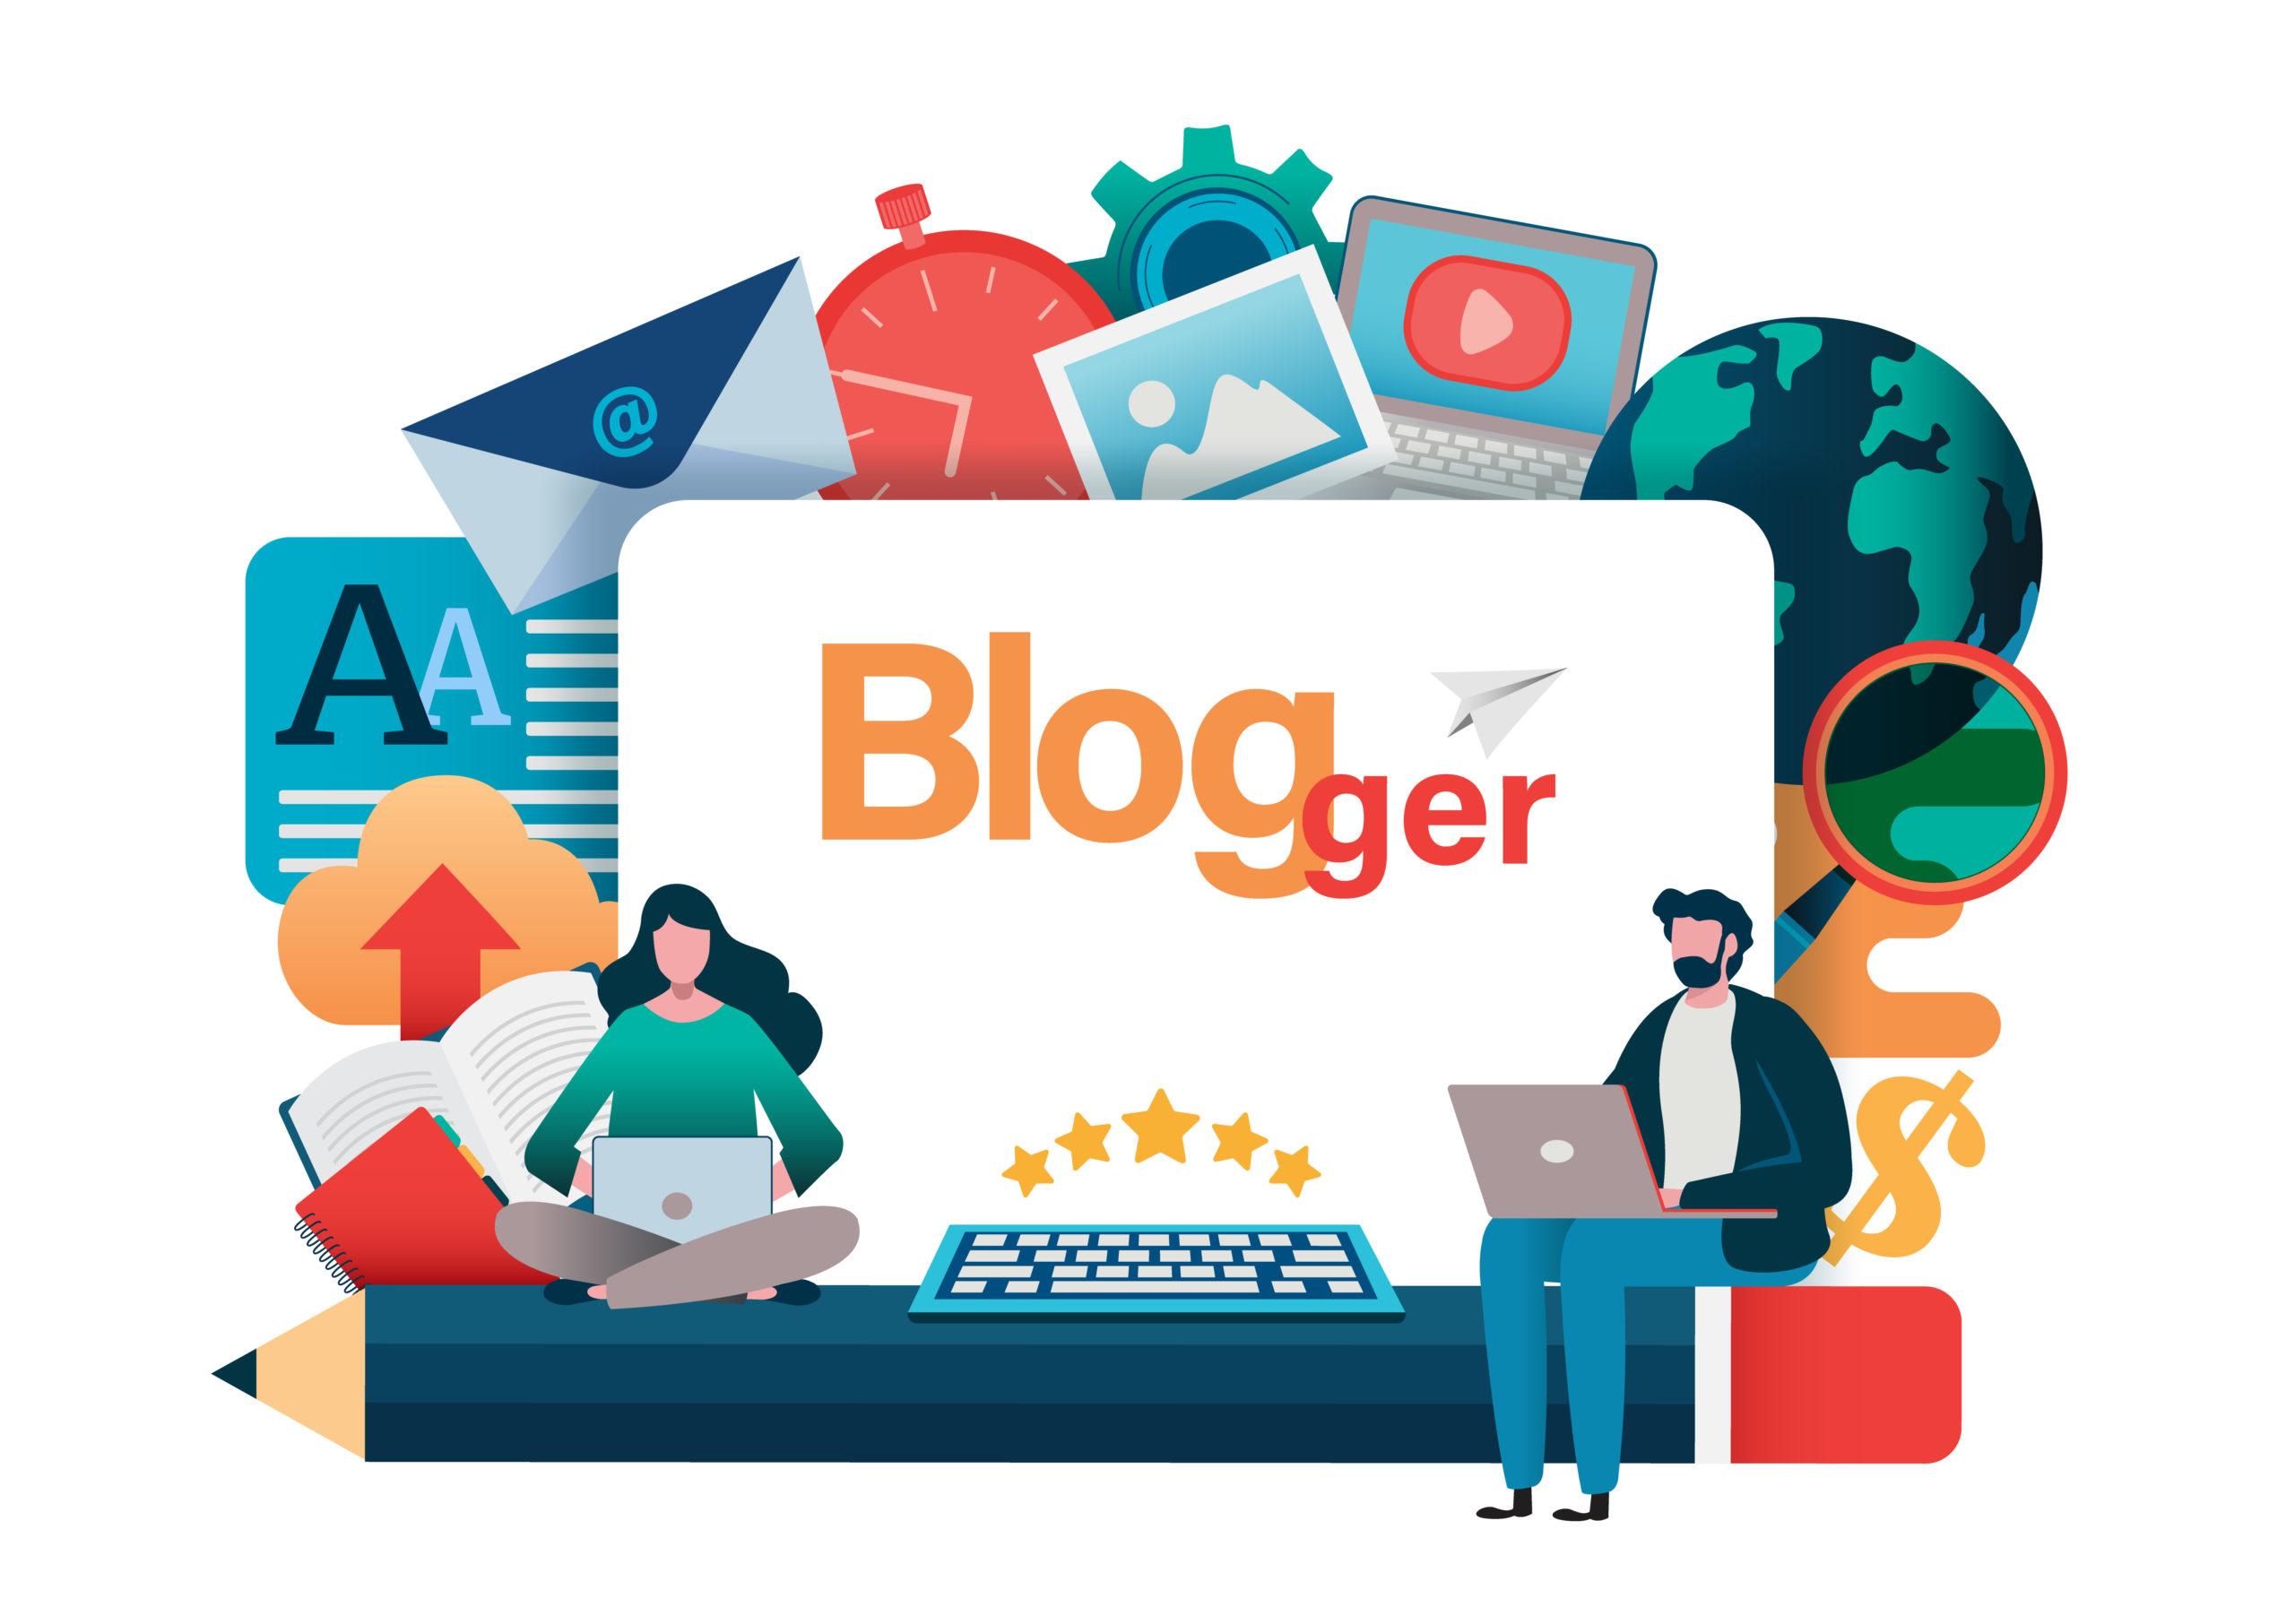 【徹底比較】ブログとnoteどっちがおすすめ?5つの項目で違いを解説【稼げるのはどっち】